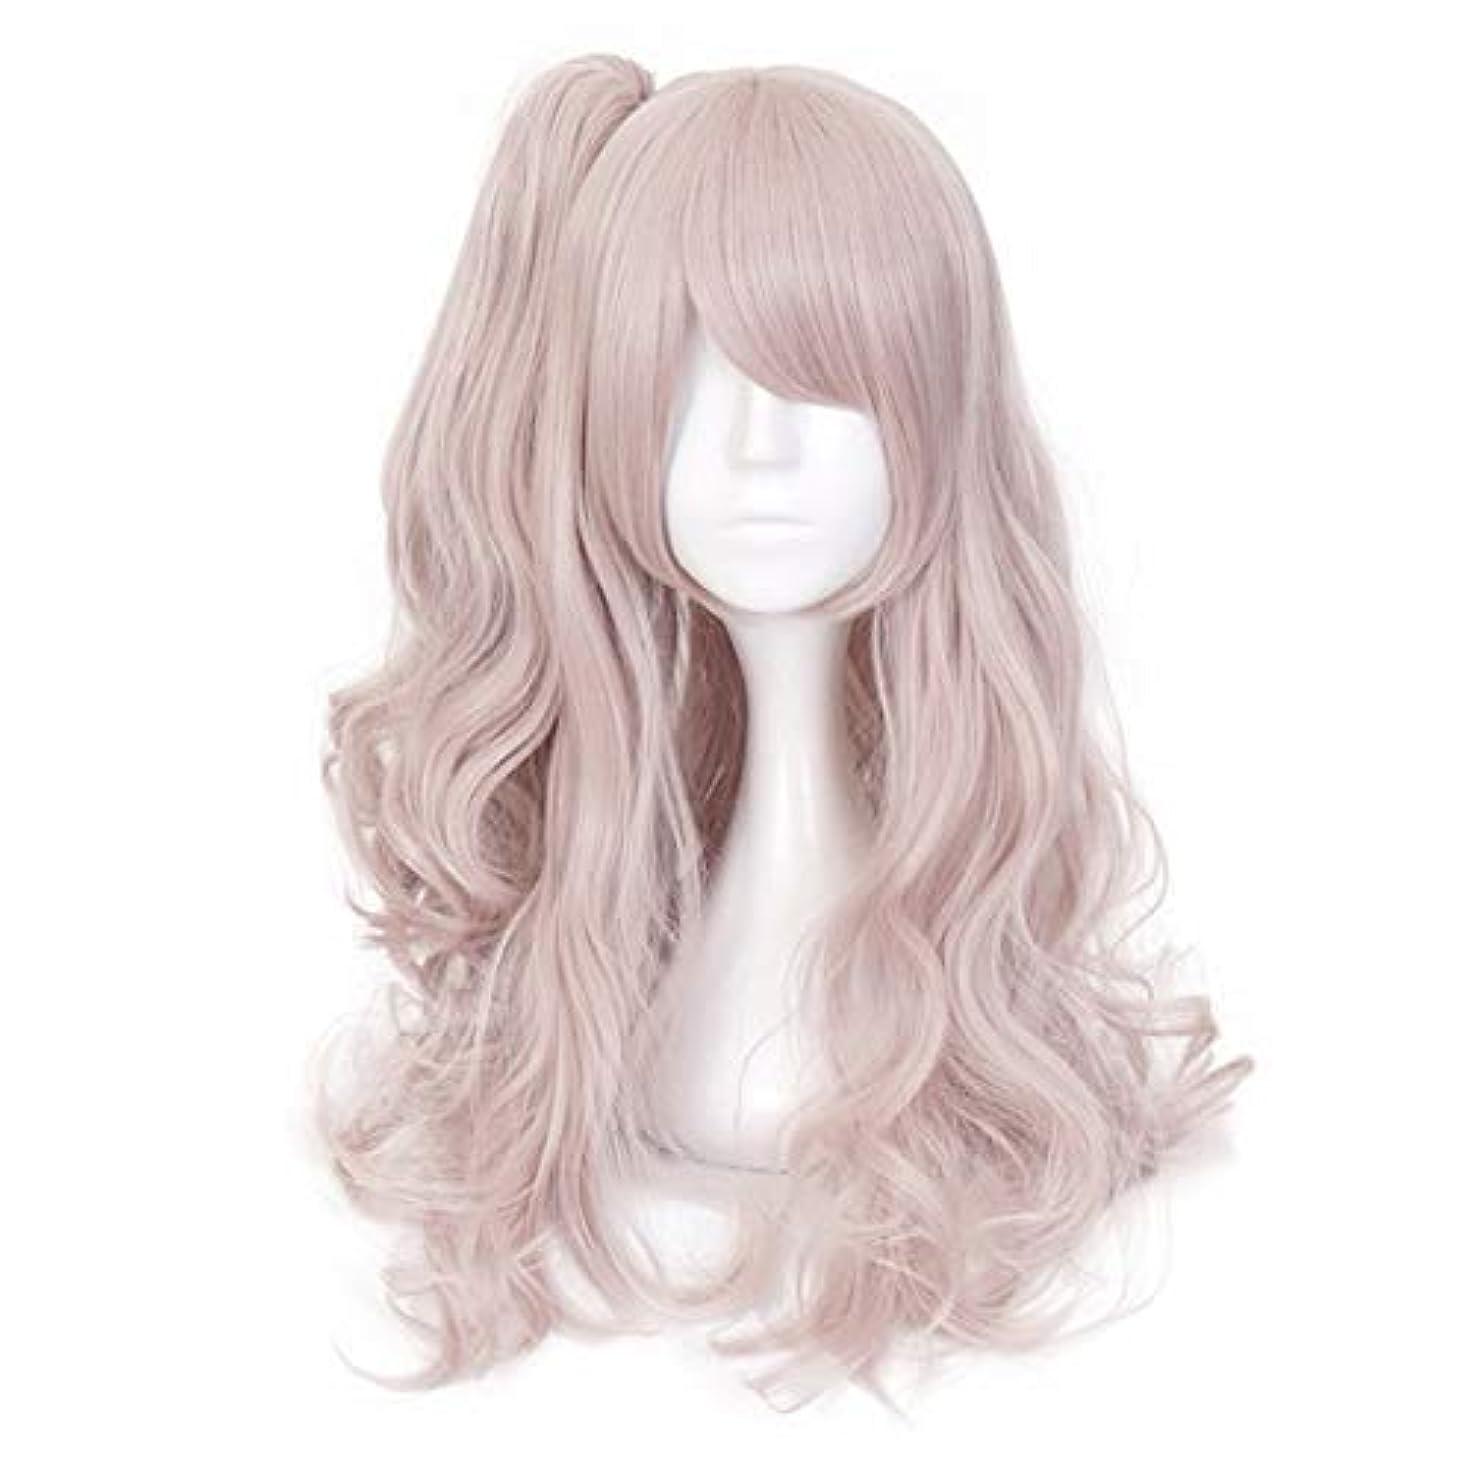 キャンディー野心的不誠実Koloeplf ロングカーリーグラデーションピンクラブリーガールコスプレウィッグフル人工毛アニメヘア (Color : Pink)